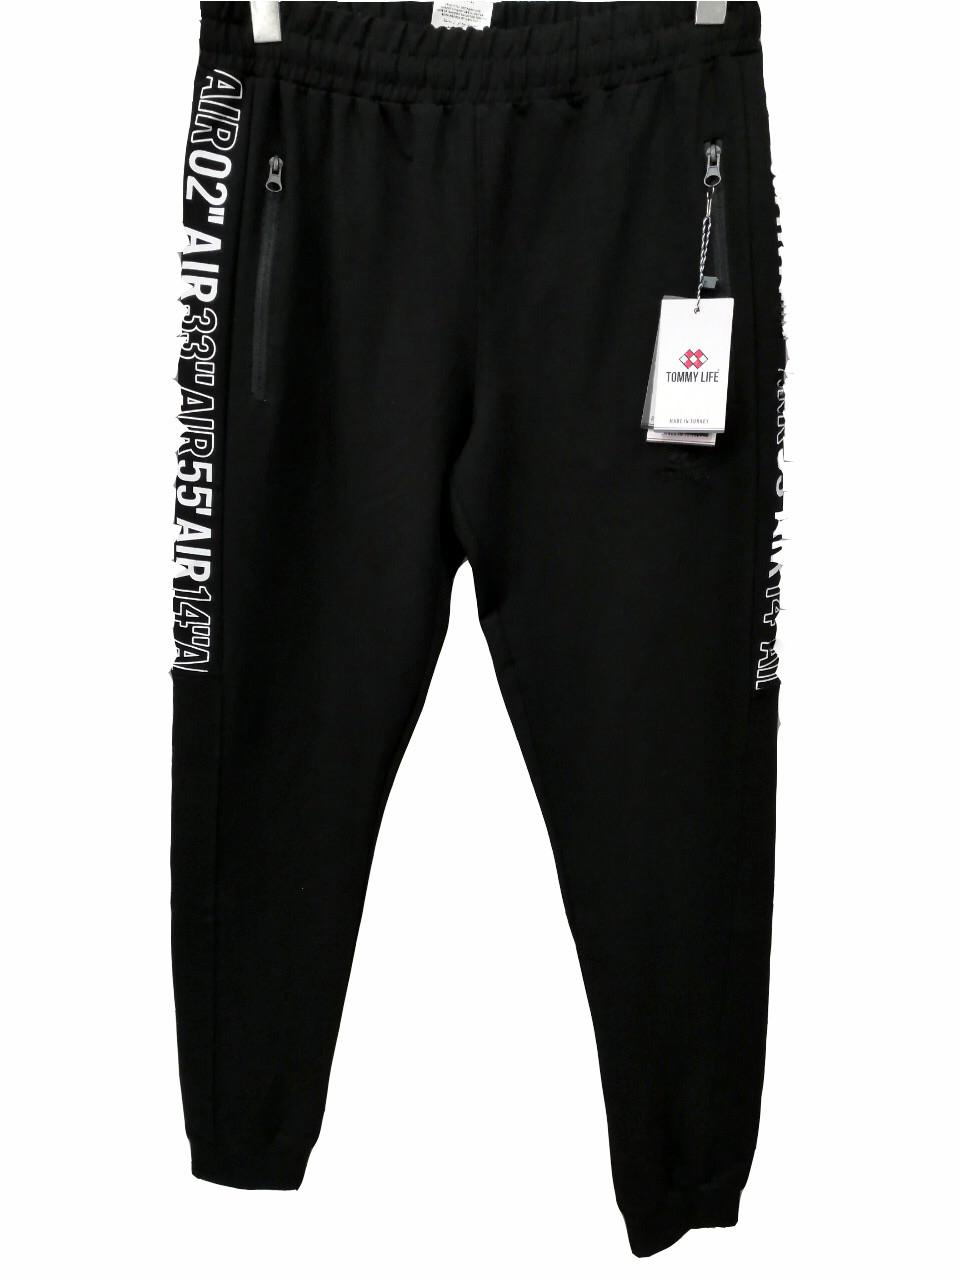 Мужские трикотажные брюки Tommy Life спортивные штаны на манжетах Модель 84572